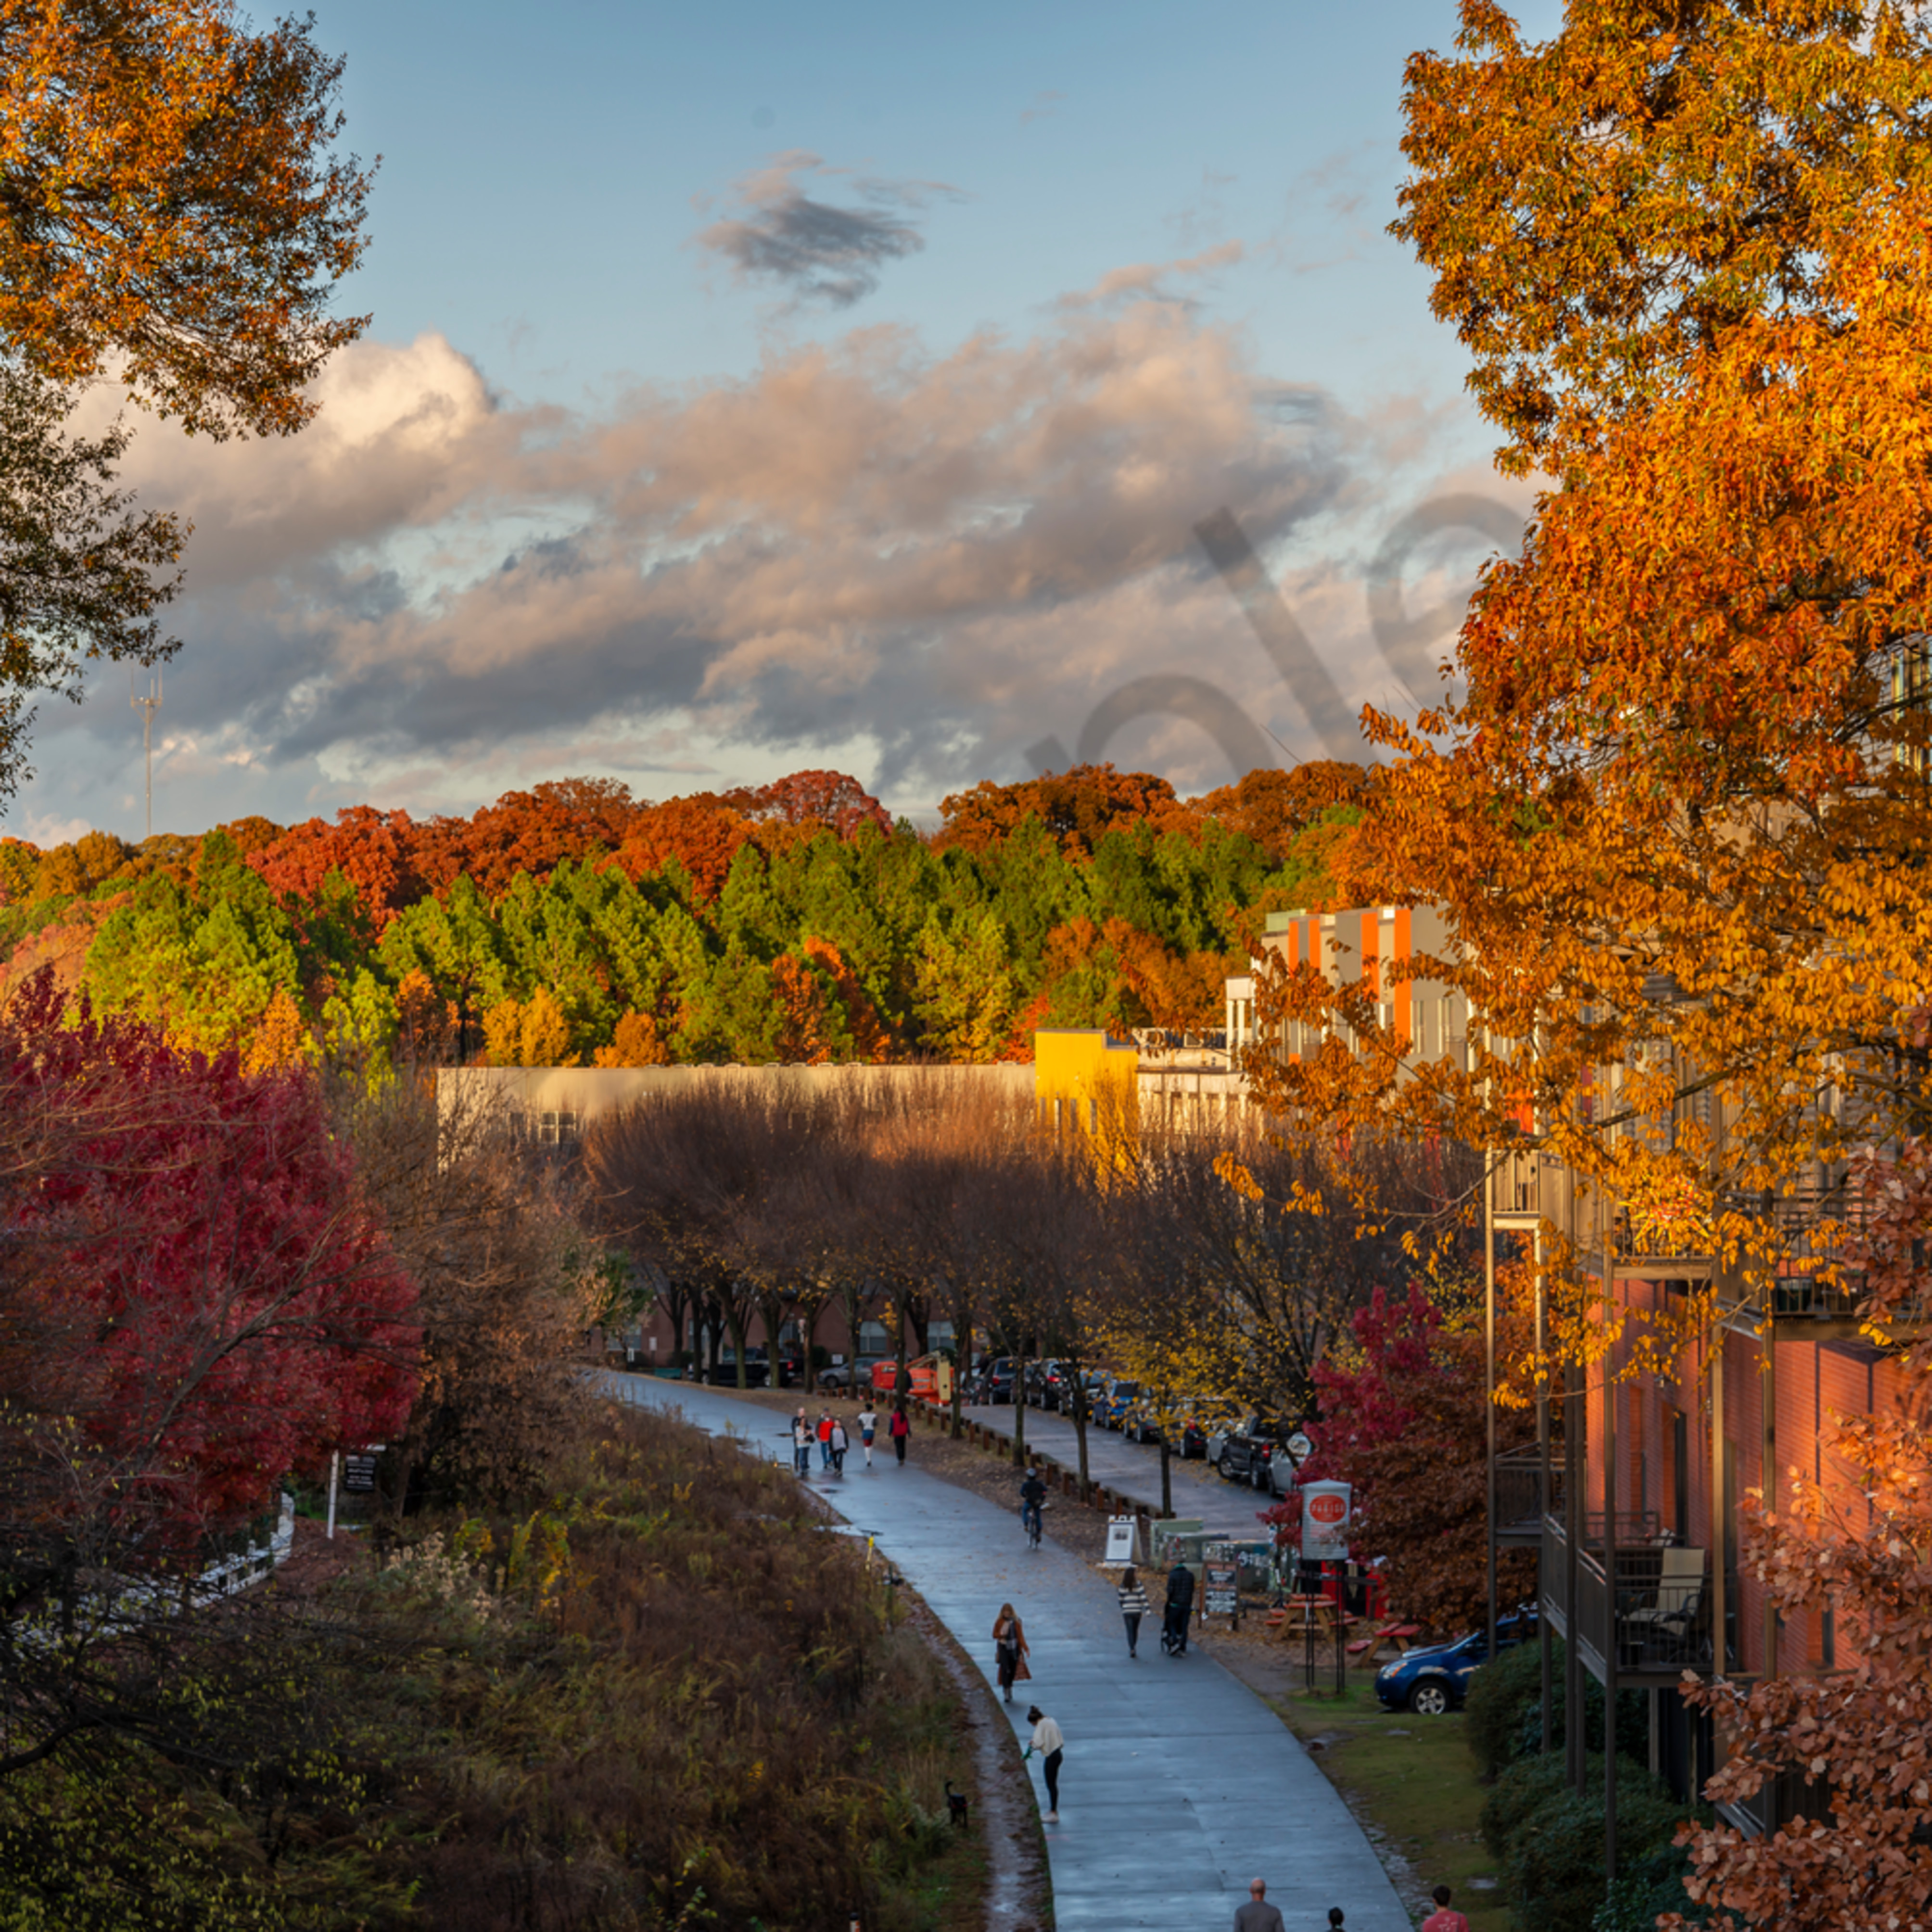 Highland avenue view abhxaj